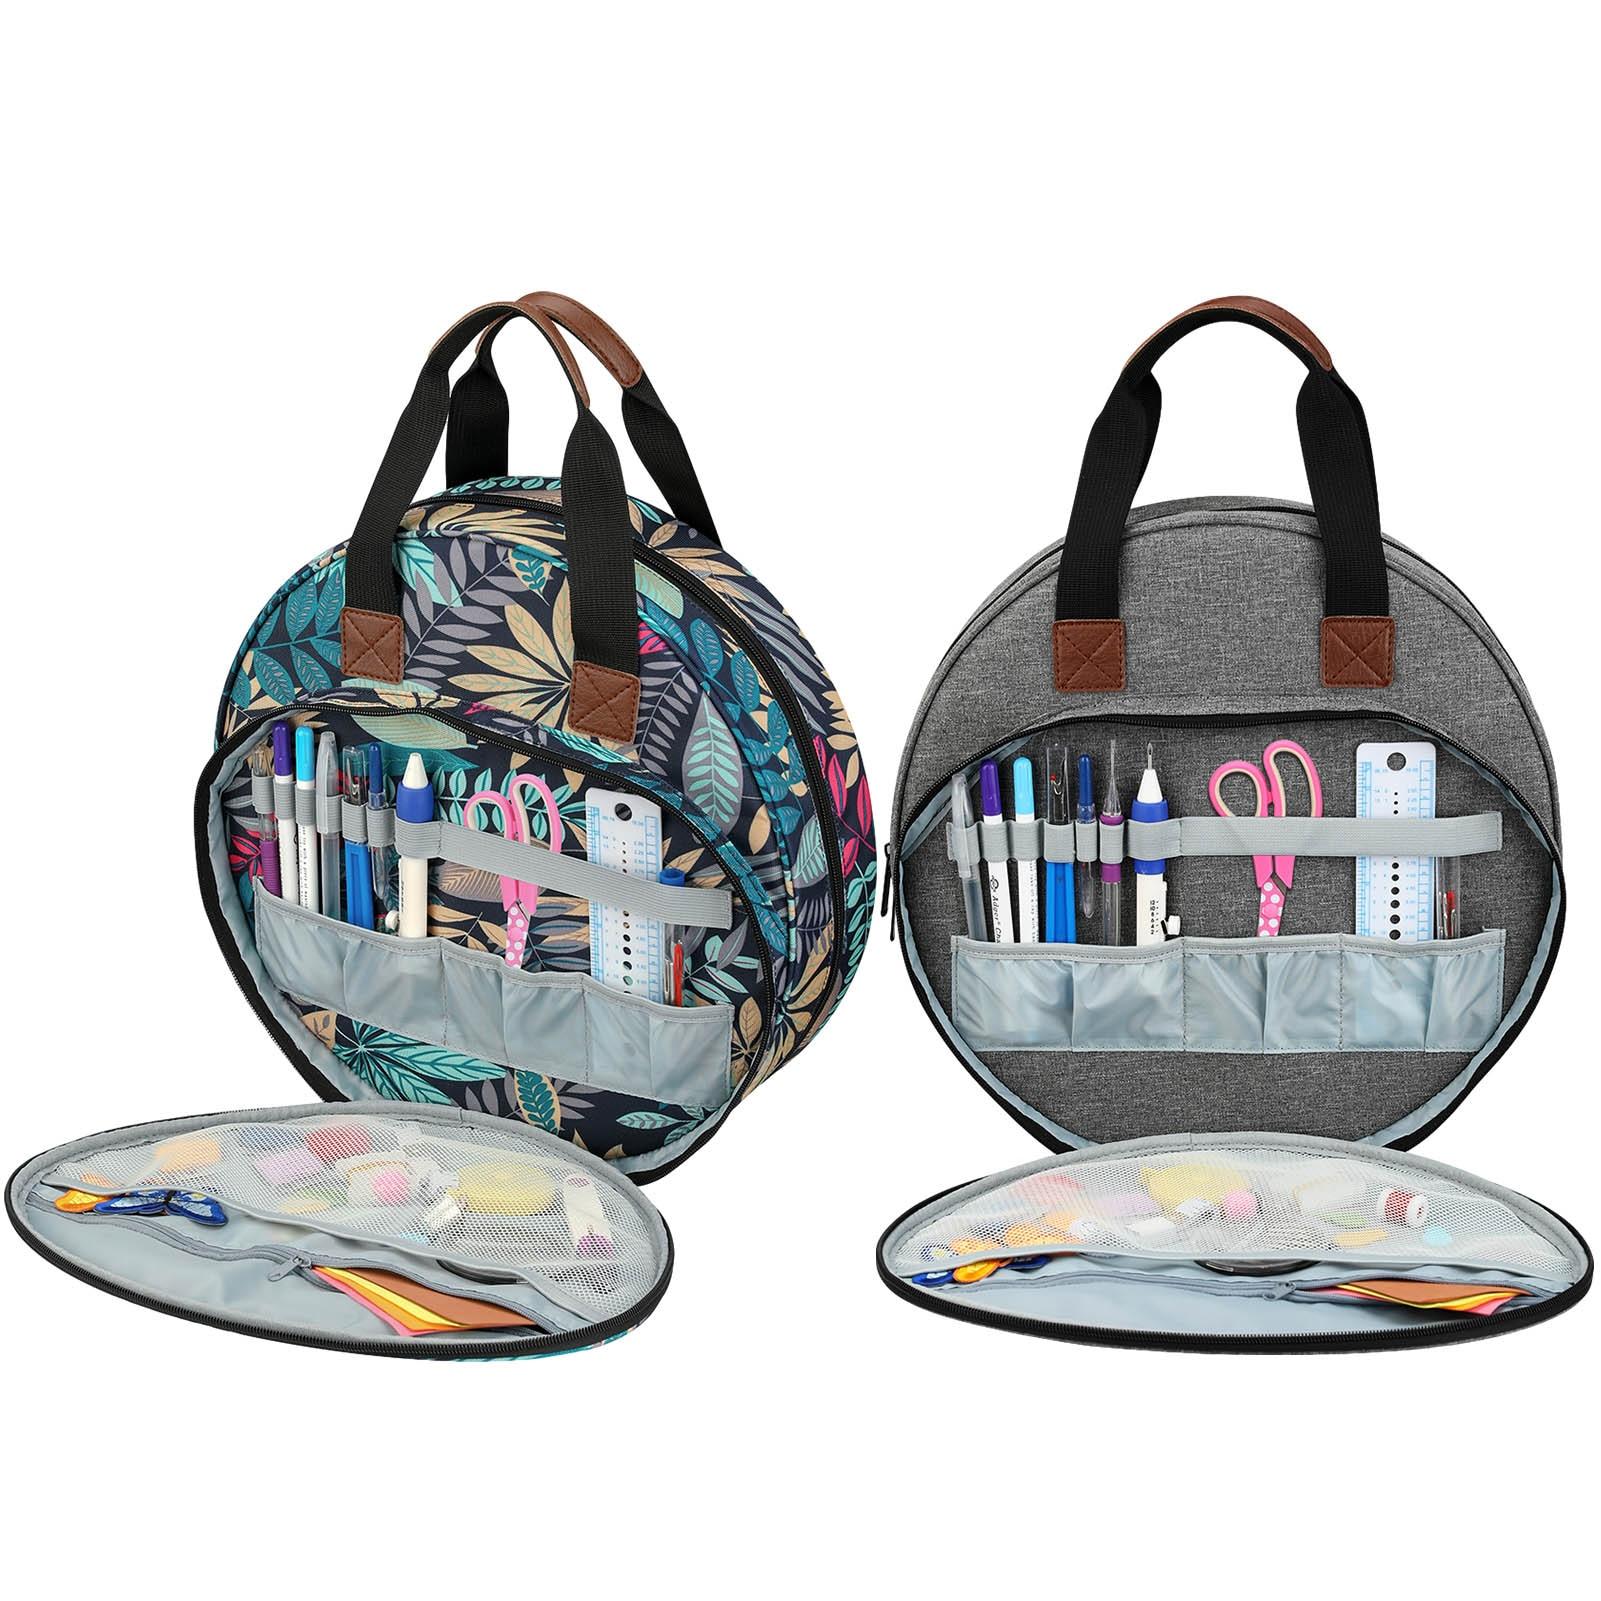 Сумка для хранения инструментов для вышивки «сделай сам», Набор для вышивки крестиком, прочная Портативная сумка для хранения вышивки, орга...